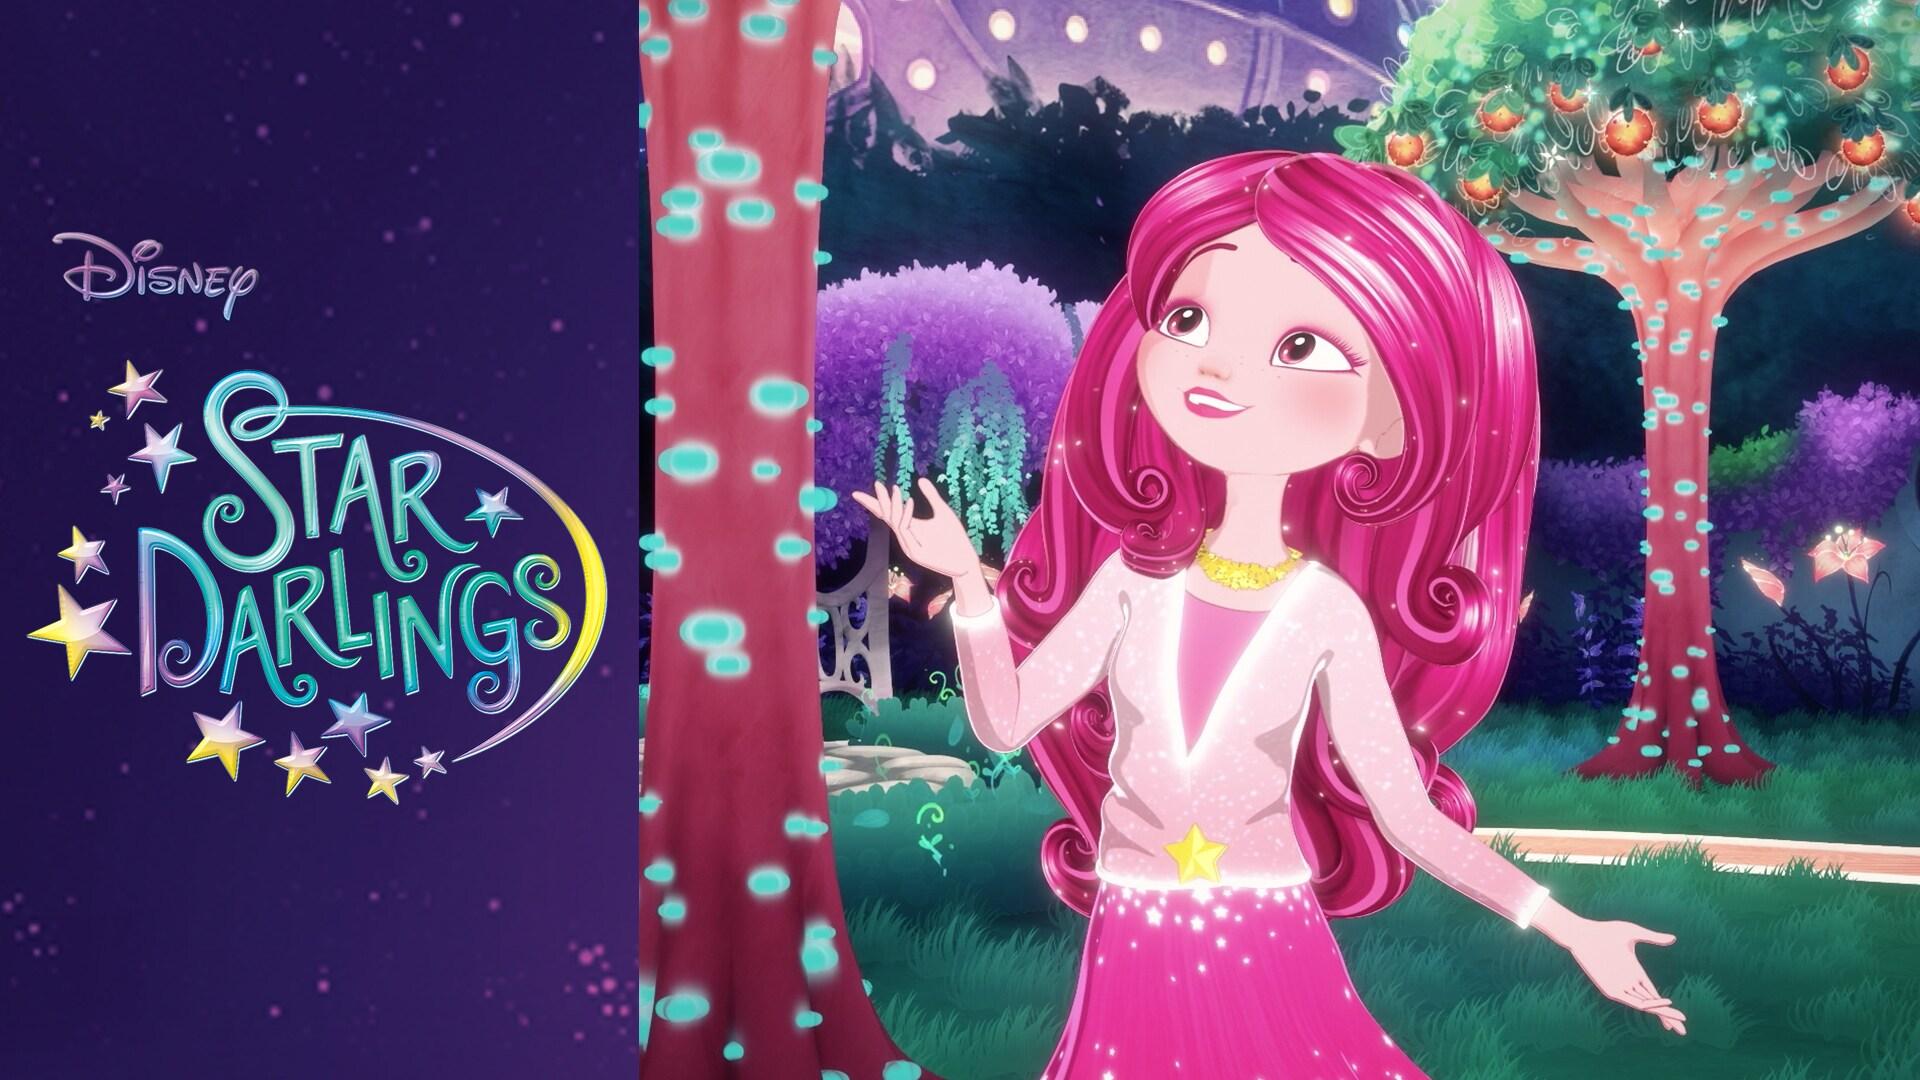 Lib-erated - Disney's Star Darlings Clip